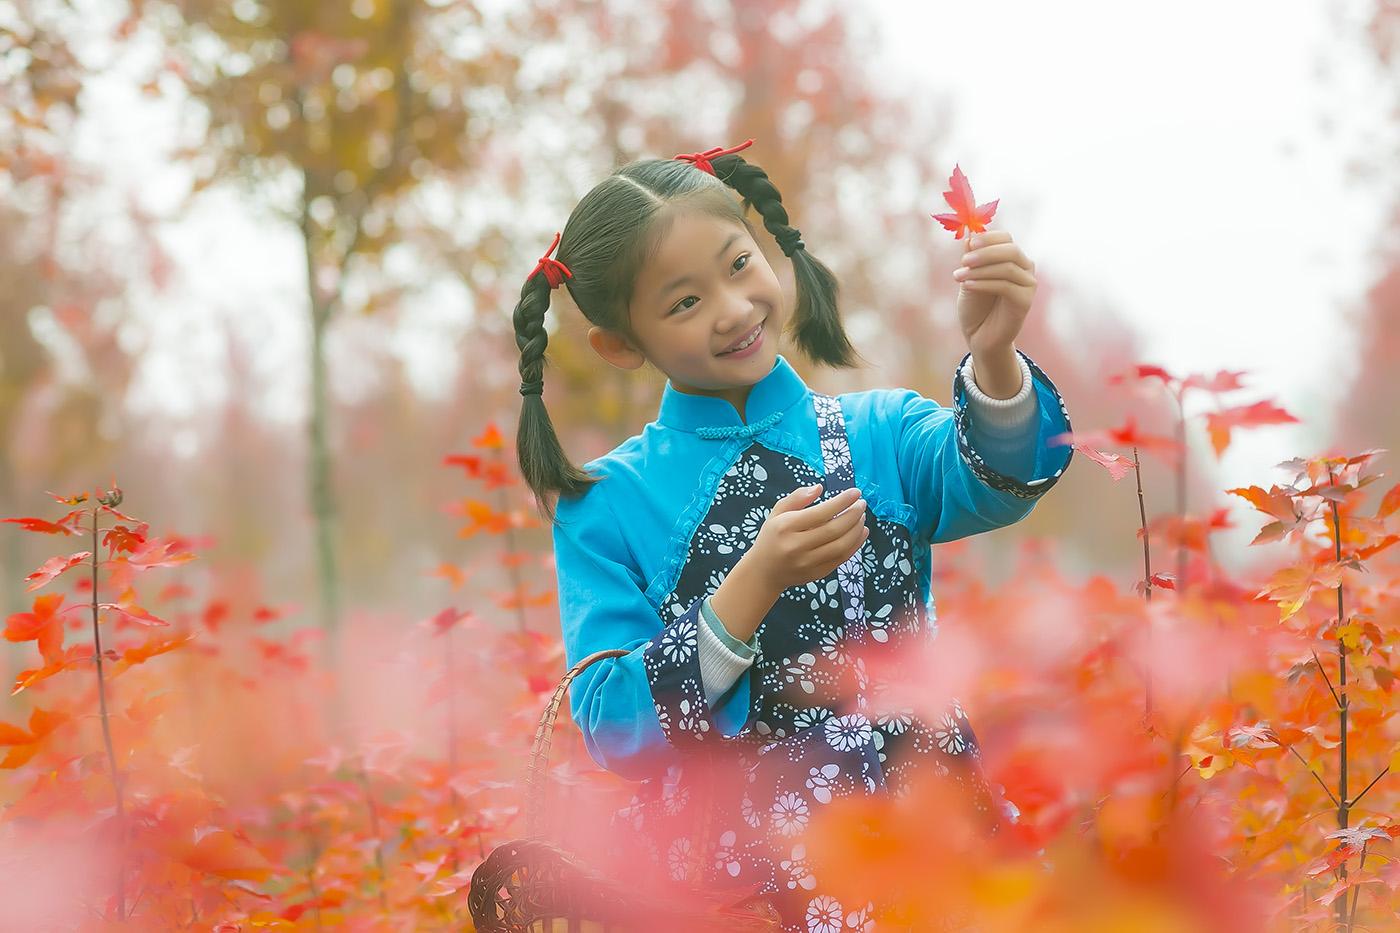 沂蒙山区竟然有这么一片童话般的树林 沂蒙小精灵火红的童年来袭 ..._图1-10